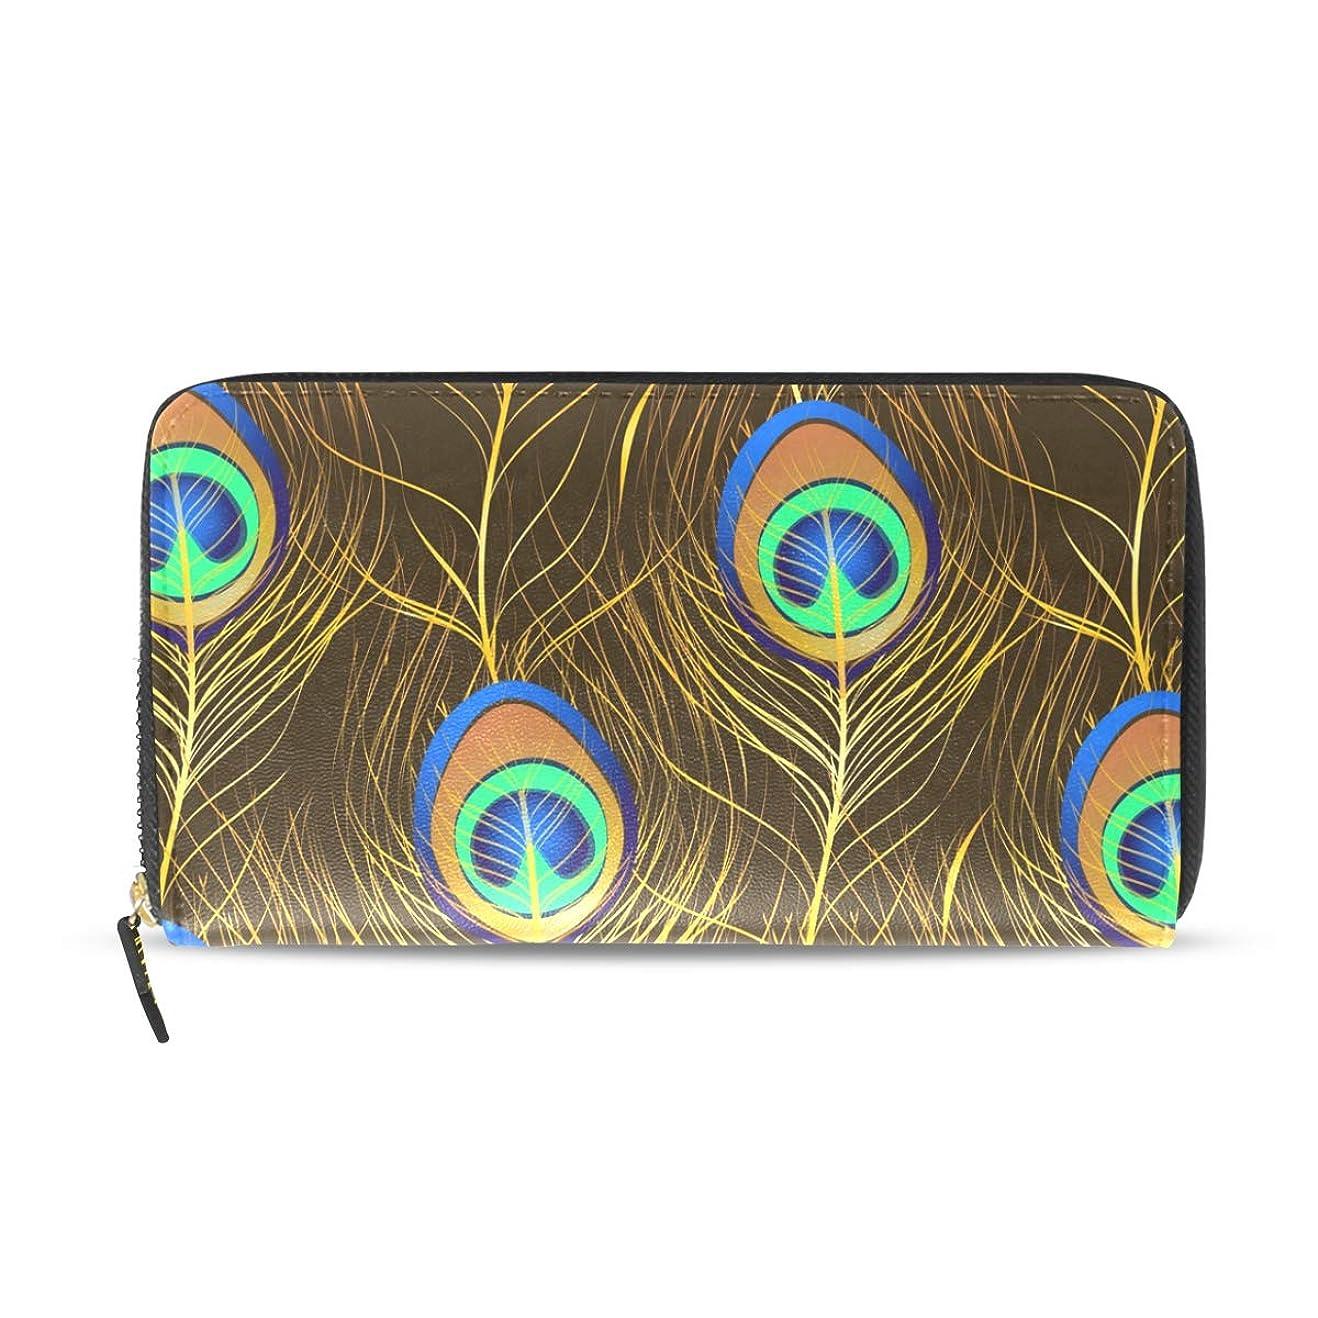 カヌー変形するチョップマキク(MAKIKU) 財布 レディース 長財布 本革 大容量 孔雀柄 羽柄 プレゼント対応